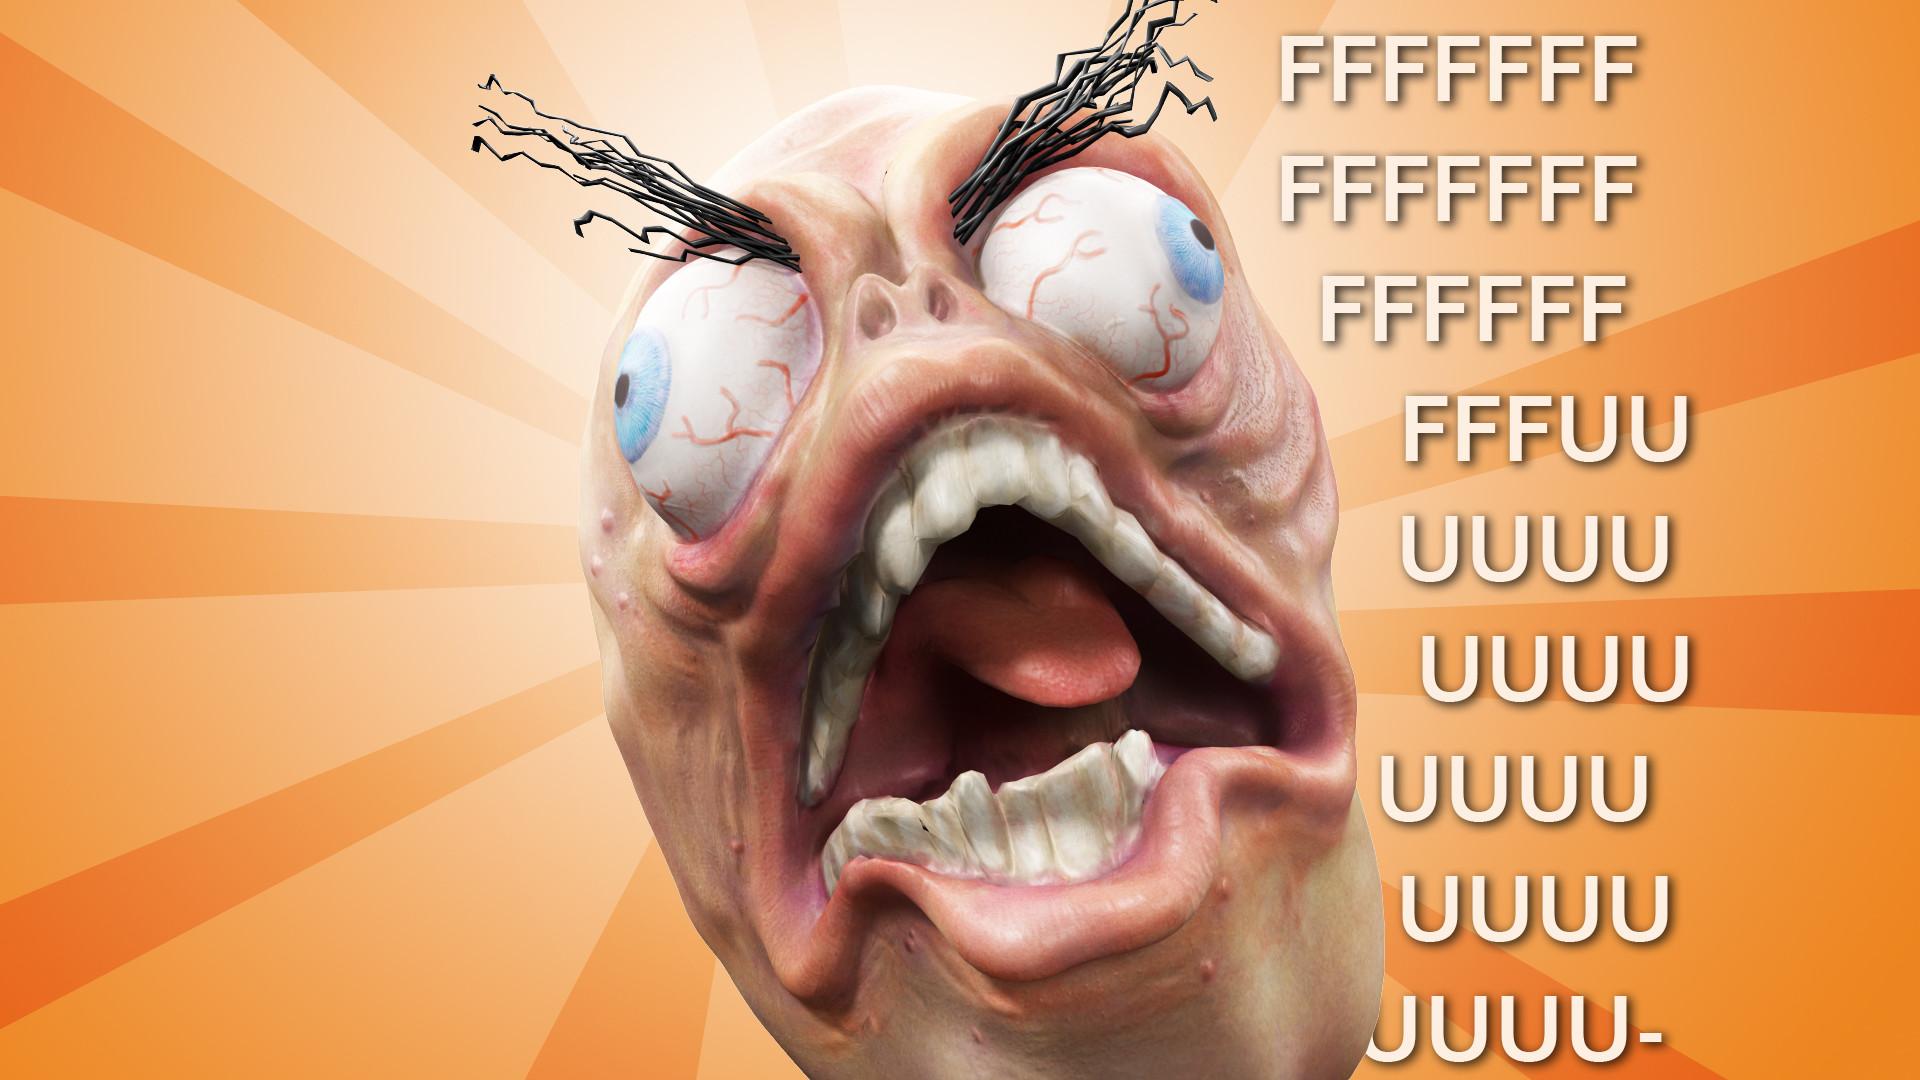 Humor – Funny Meme Wallpaper